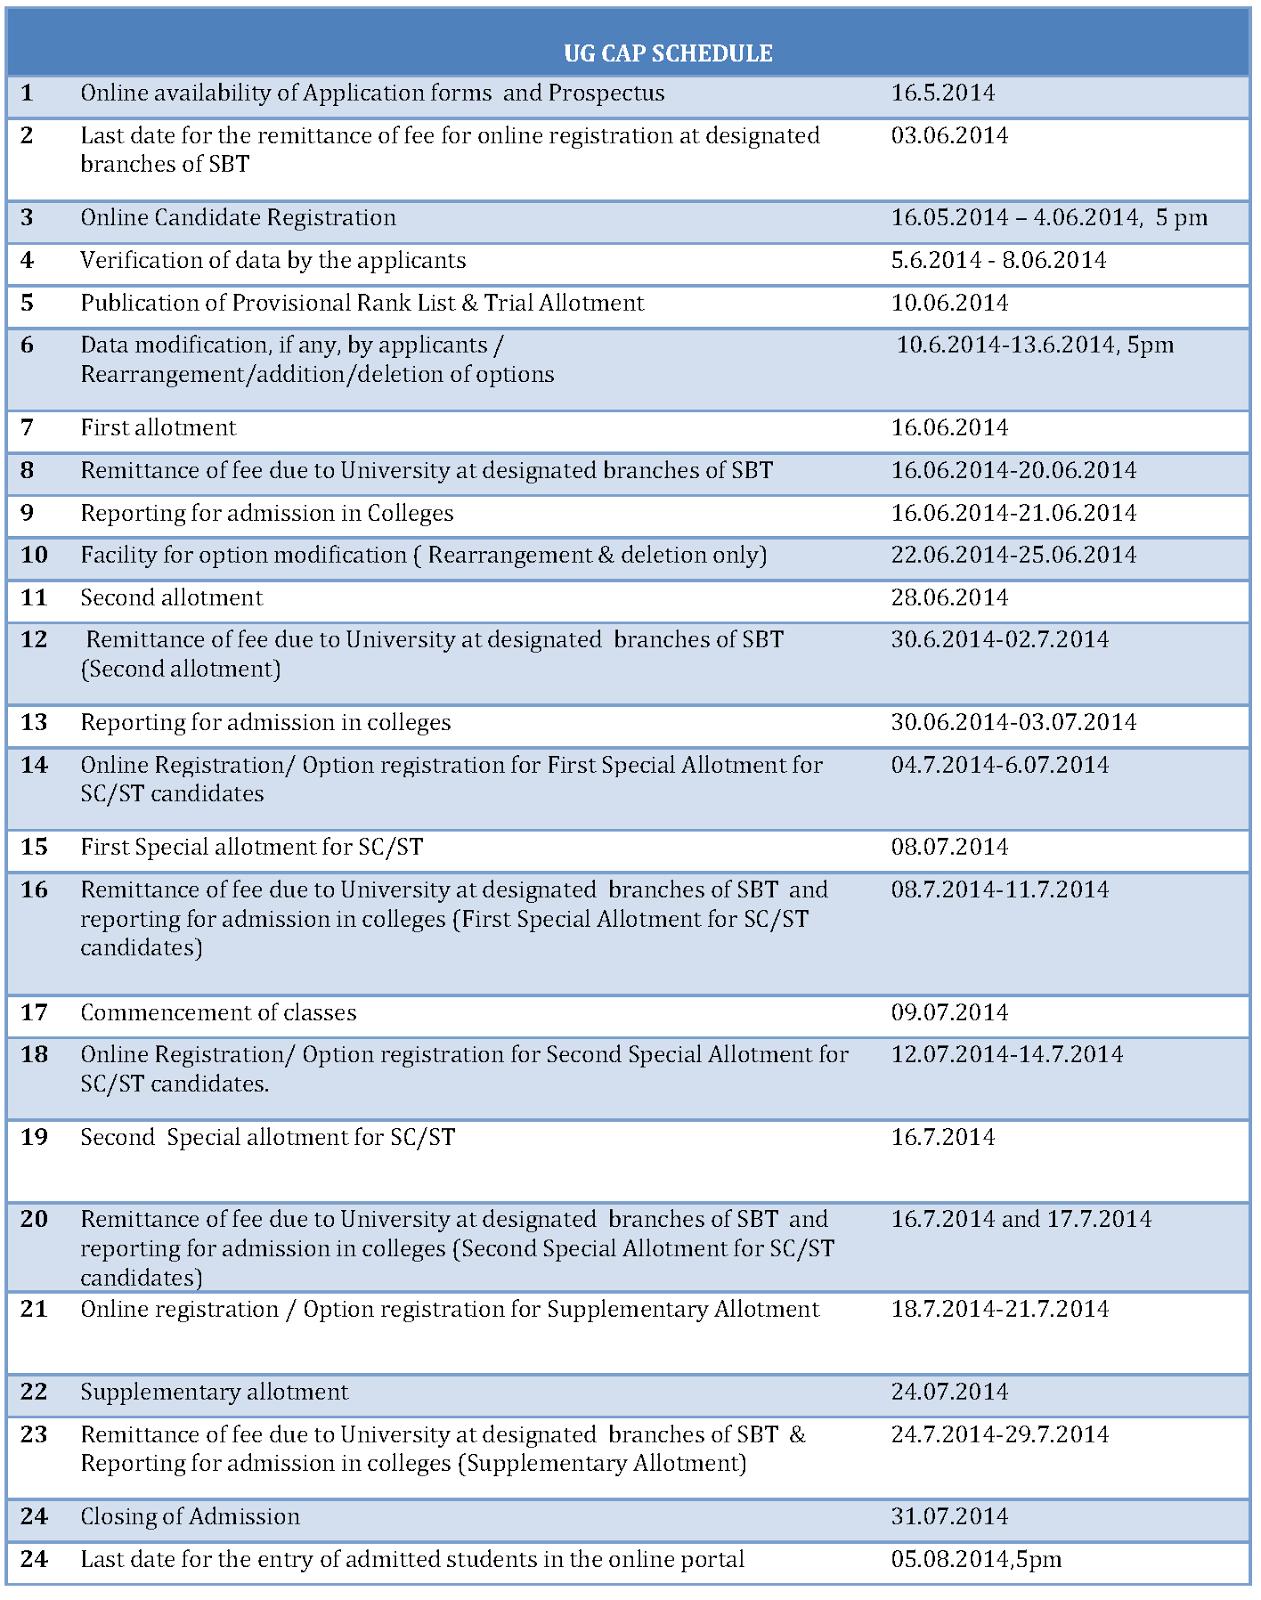 M.G University Degree Online Registration 2014-15